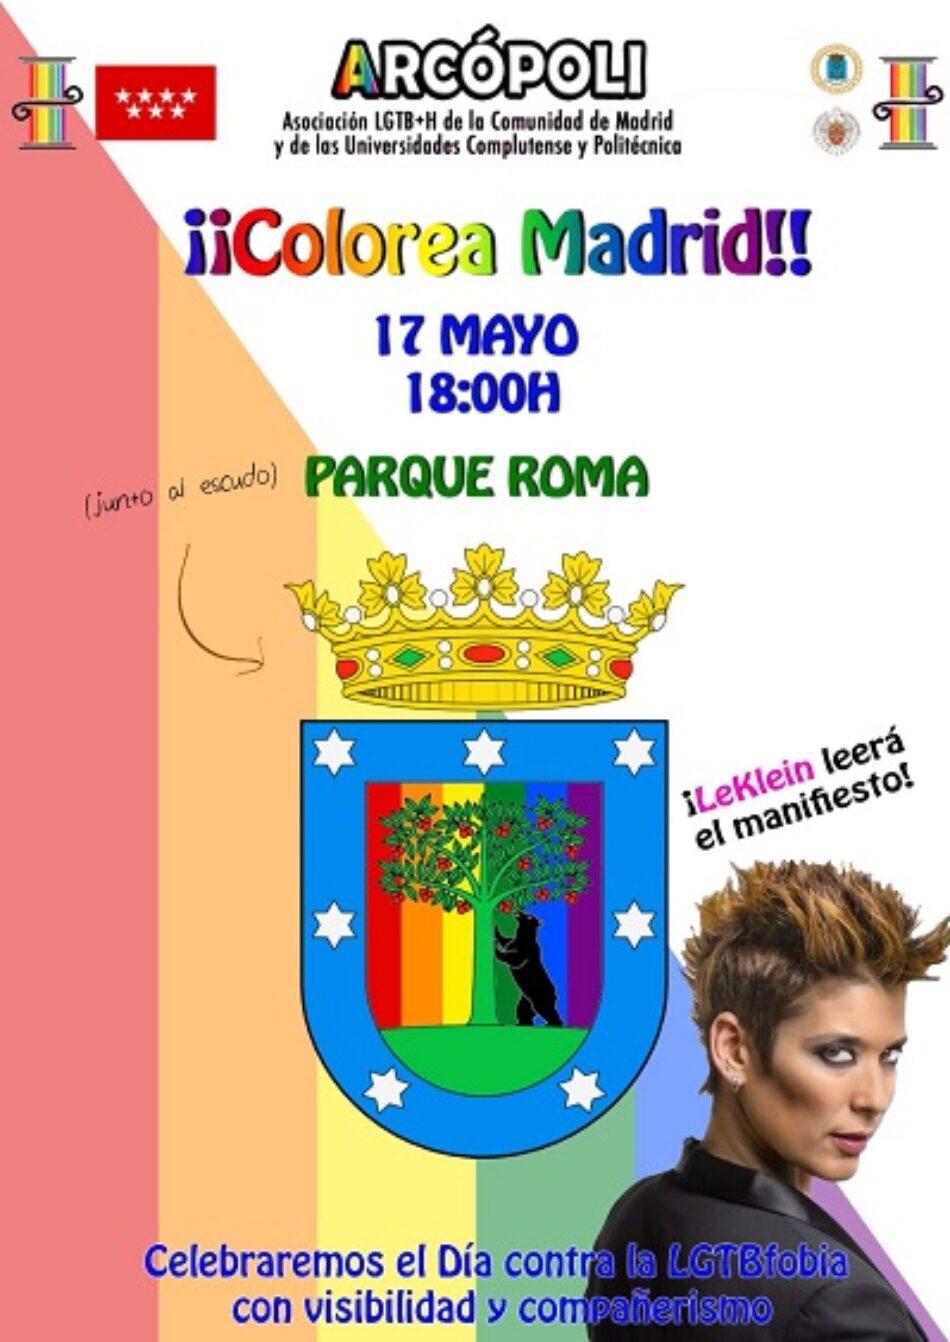 Arcópoli convoca a la ciudad de Madrid a una concentración contra la LGTBfobia en el mayor escudo de la ciudad y rodearlo del arcoíris